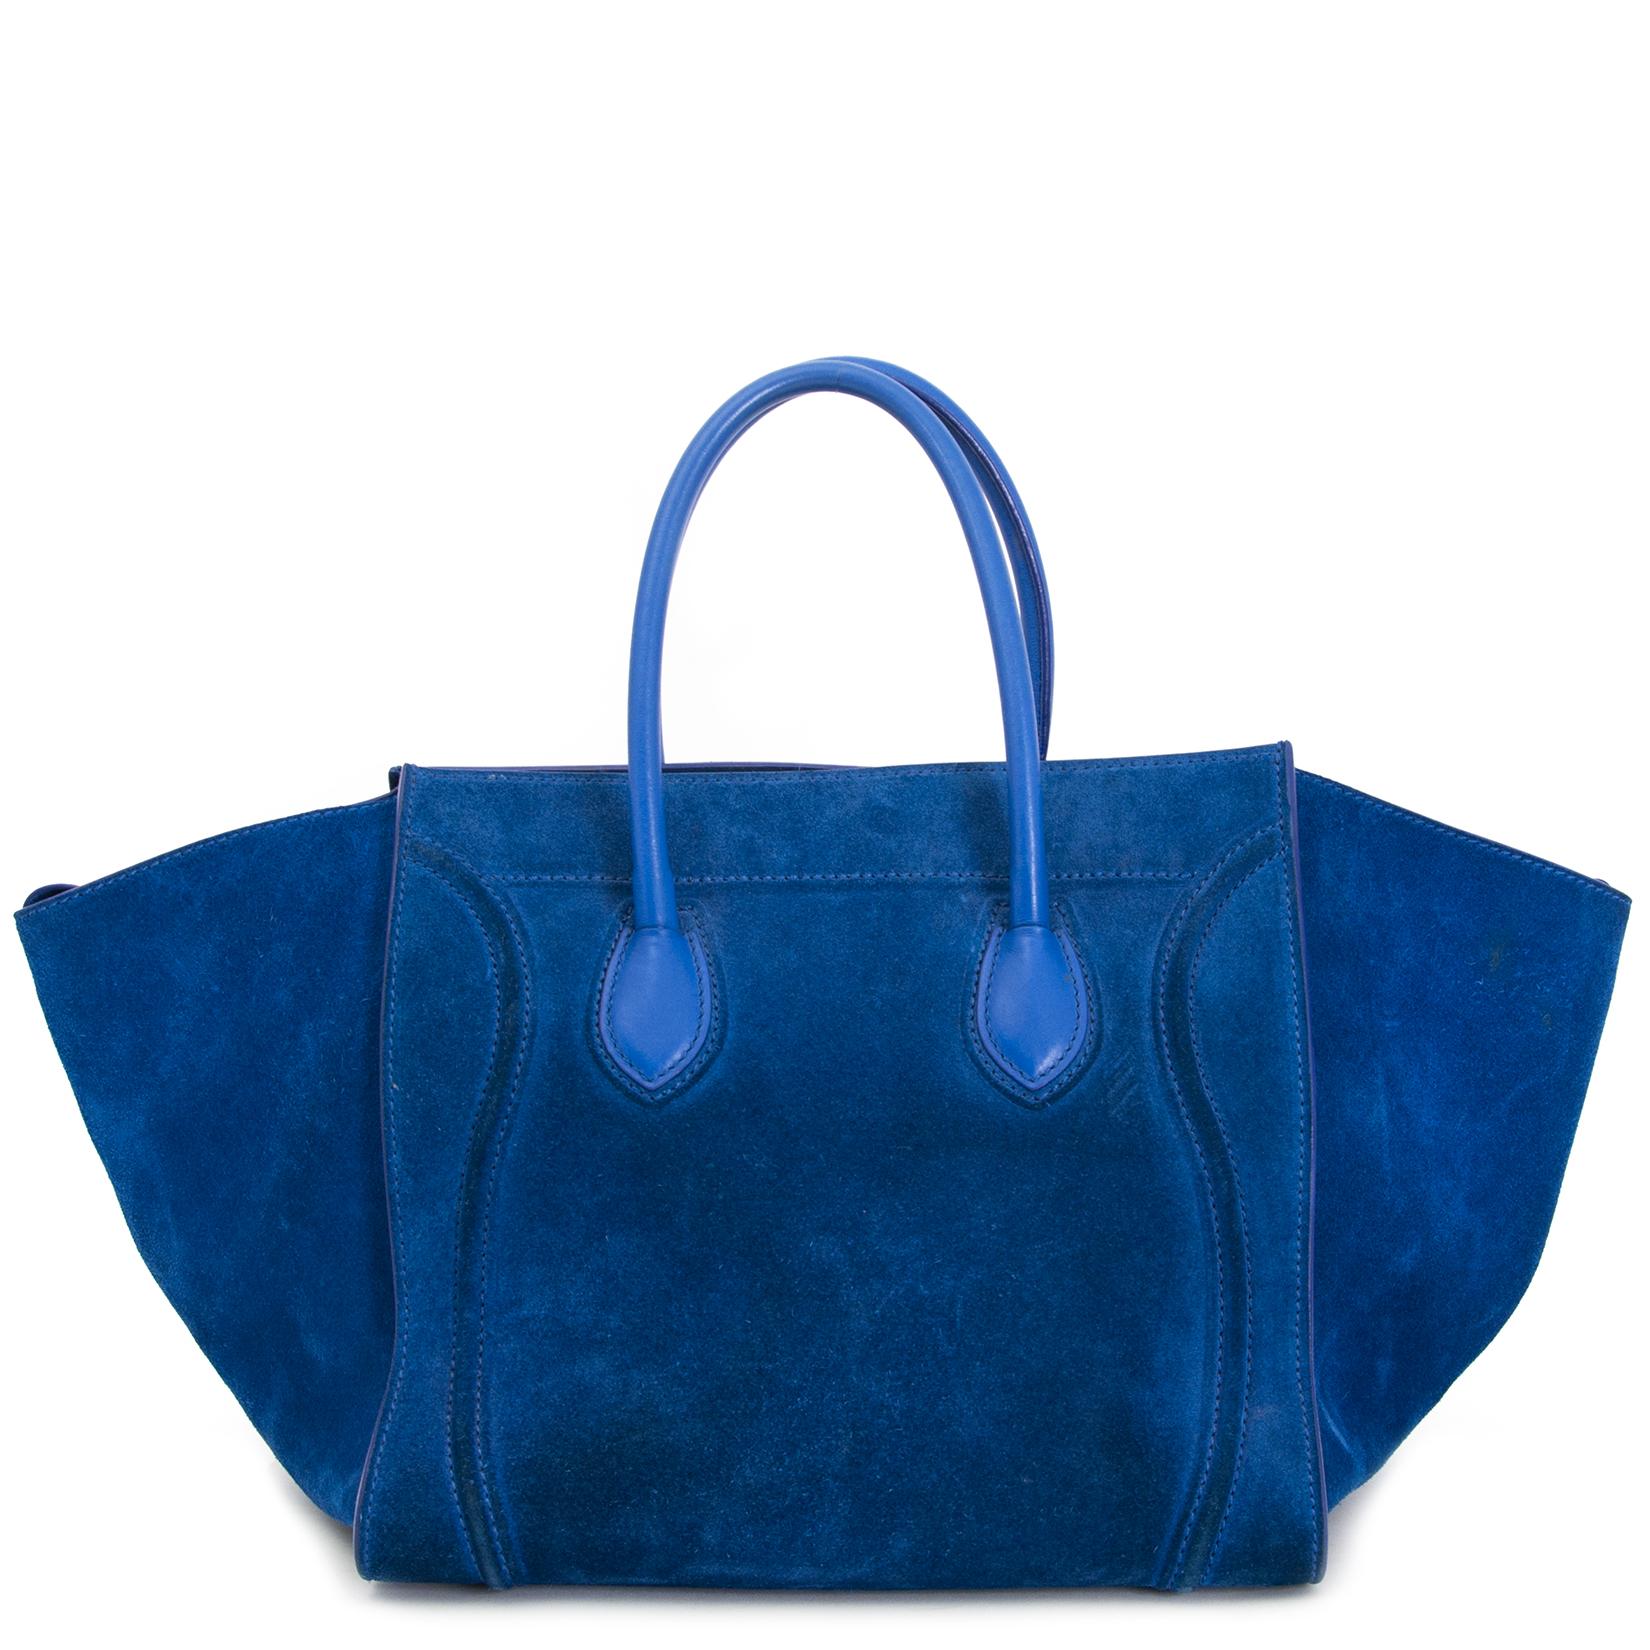 Buy your preloved Céline Cobalt Blue Suede Phantom Cabas